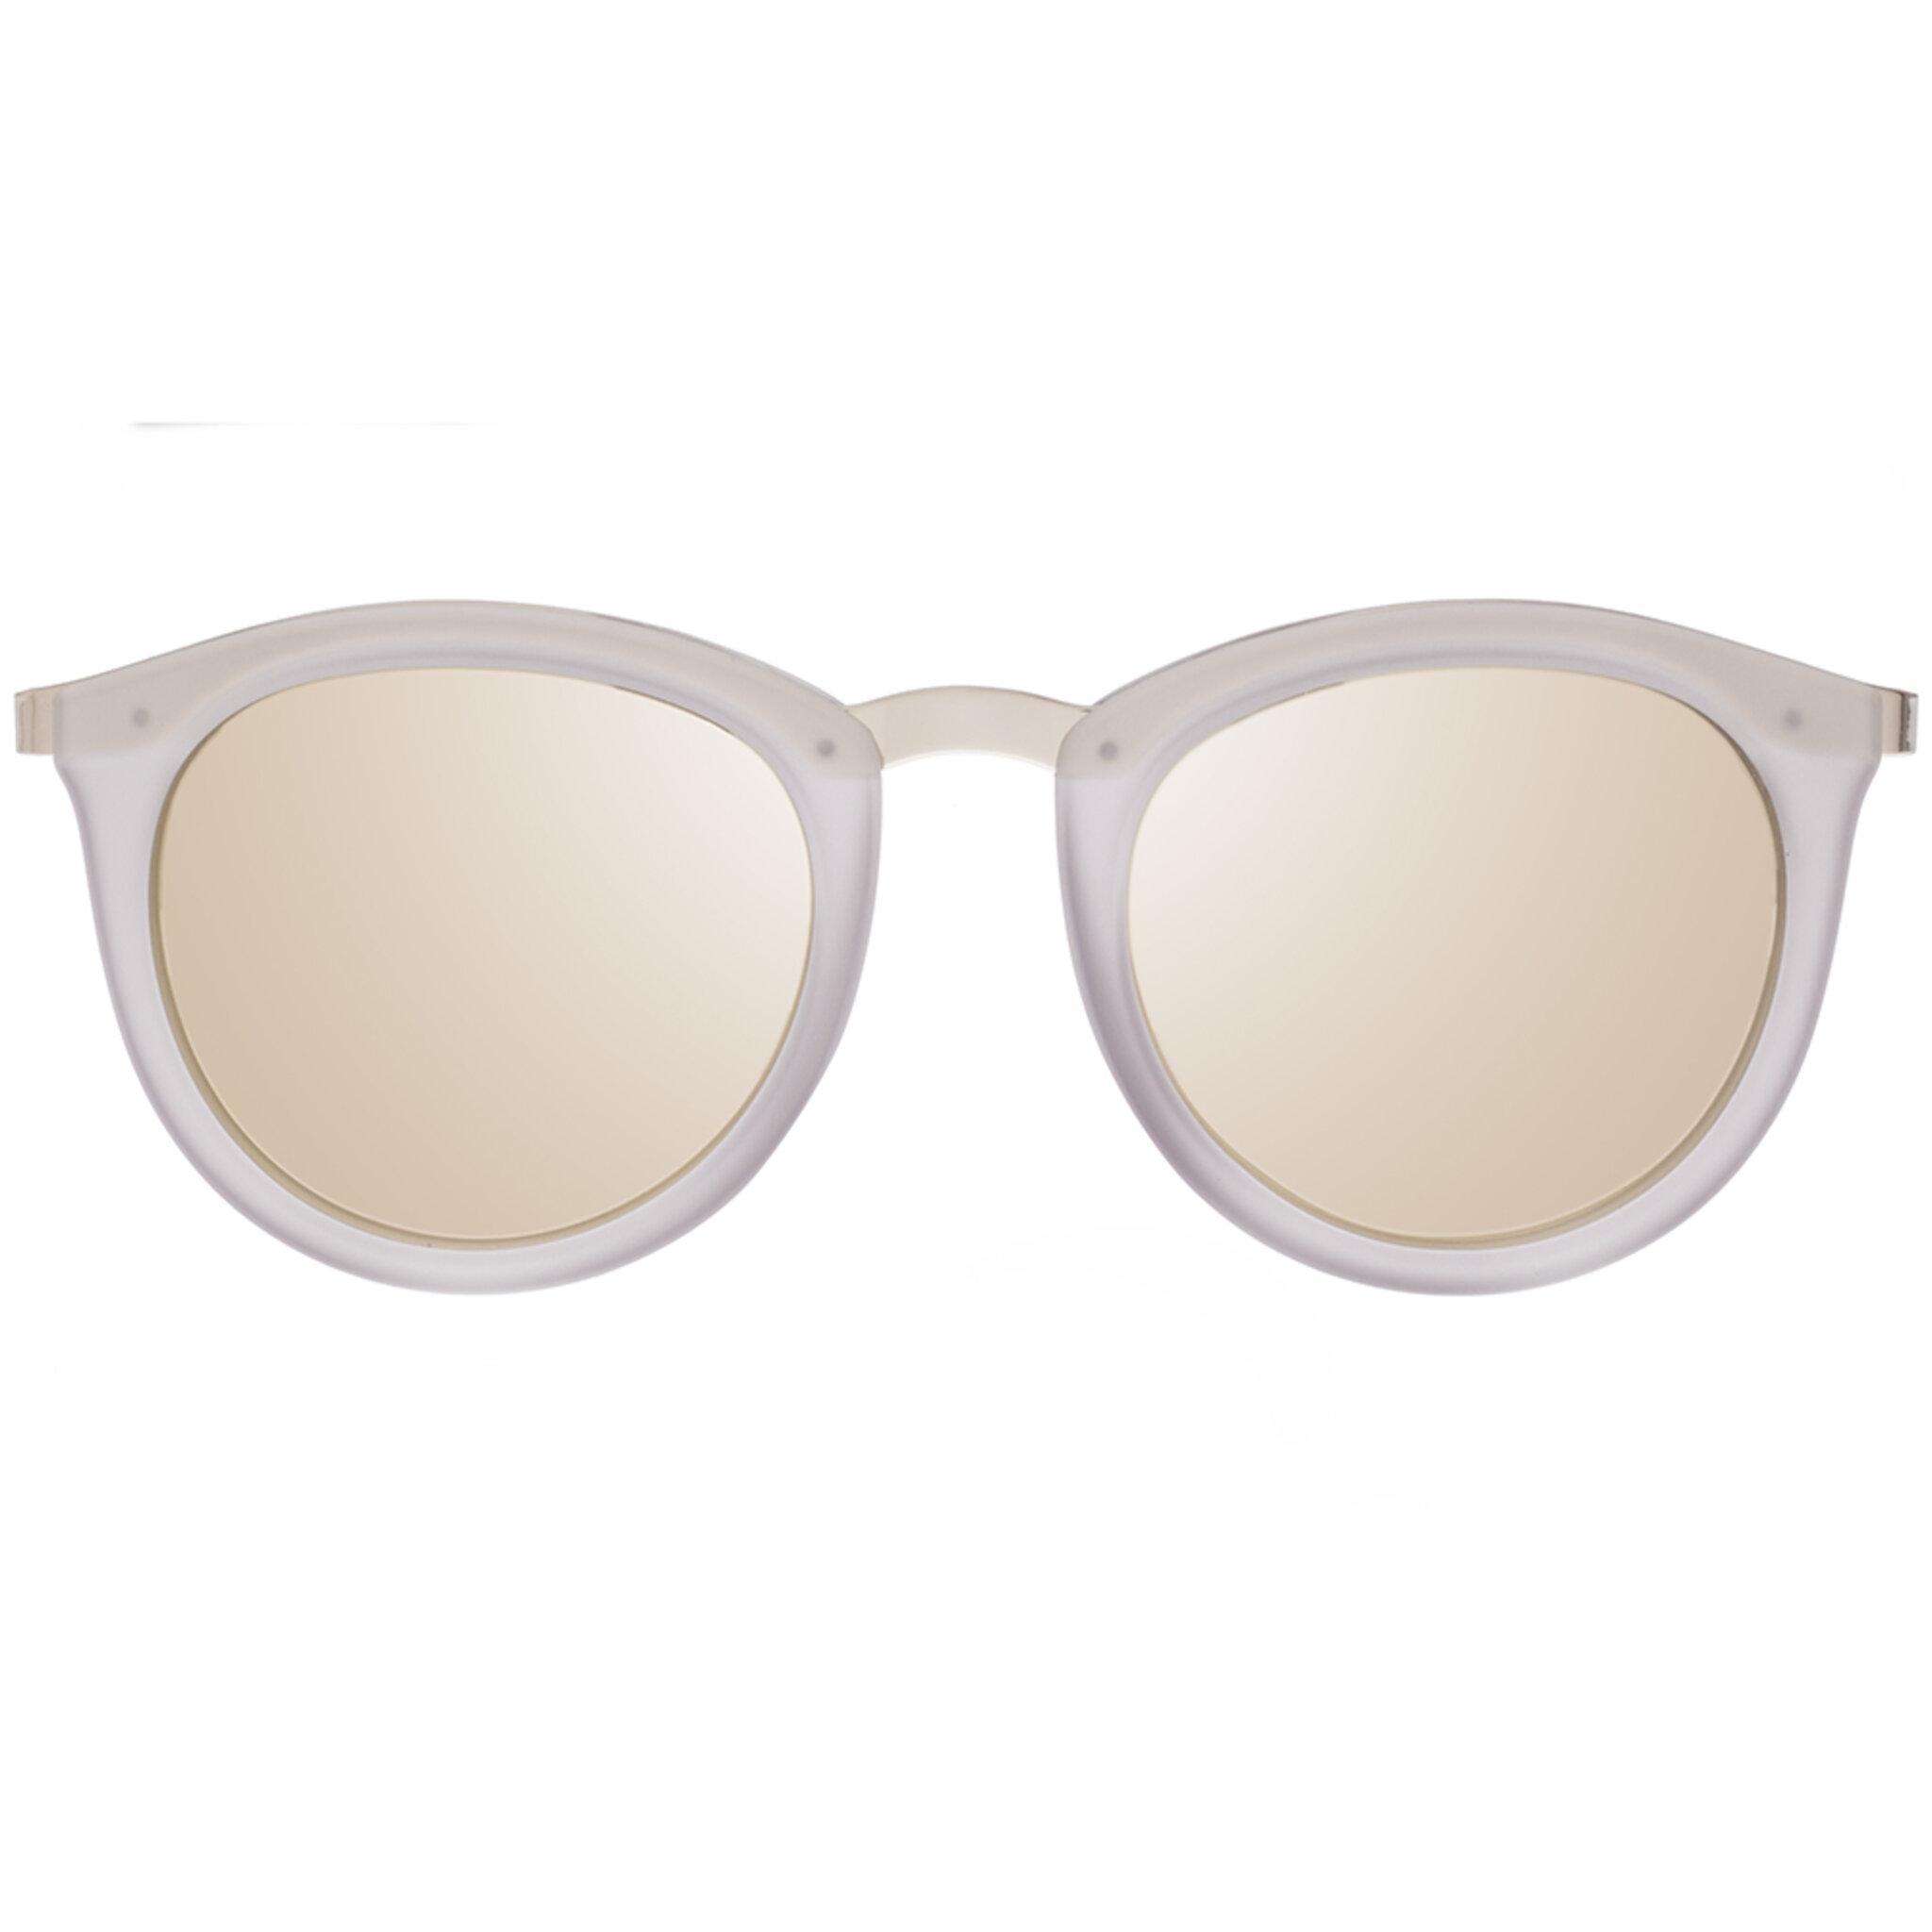 No Smirking Polarized, ONESIZE, mist matte w/ gold revo mirror lens polarized